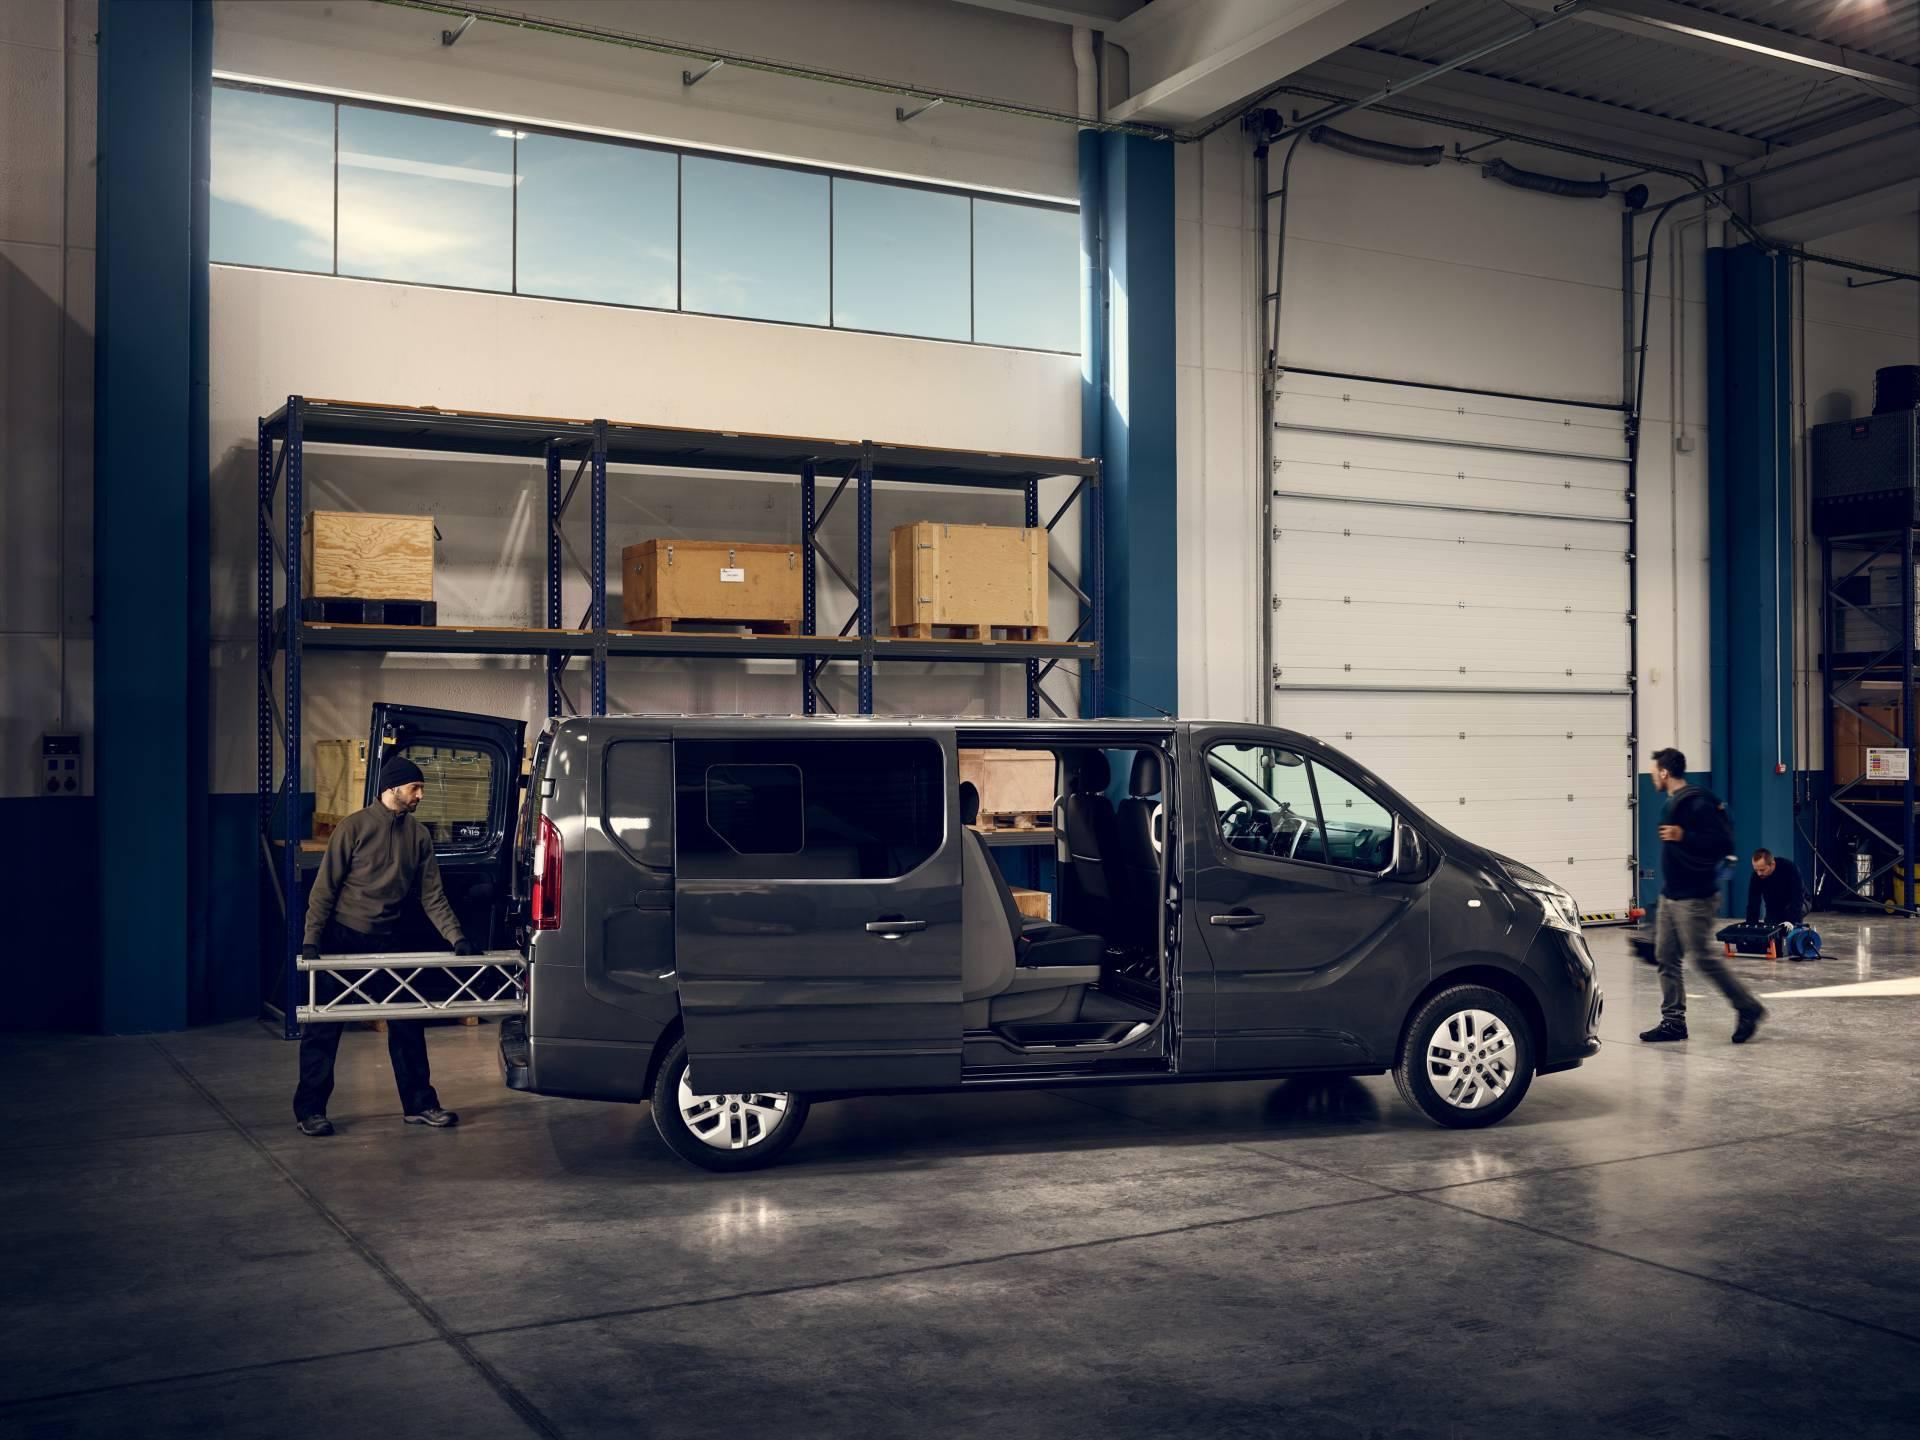 6fc658bd-2019my-renault-trafic-van-facelift-15